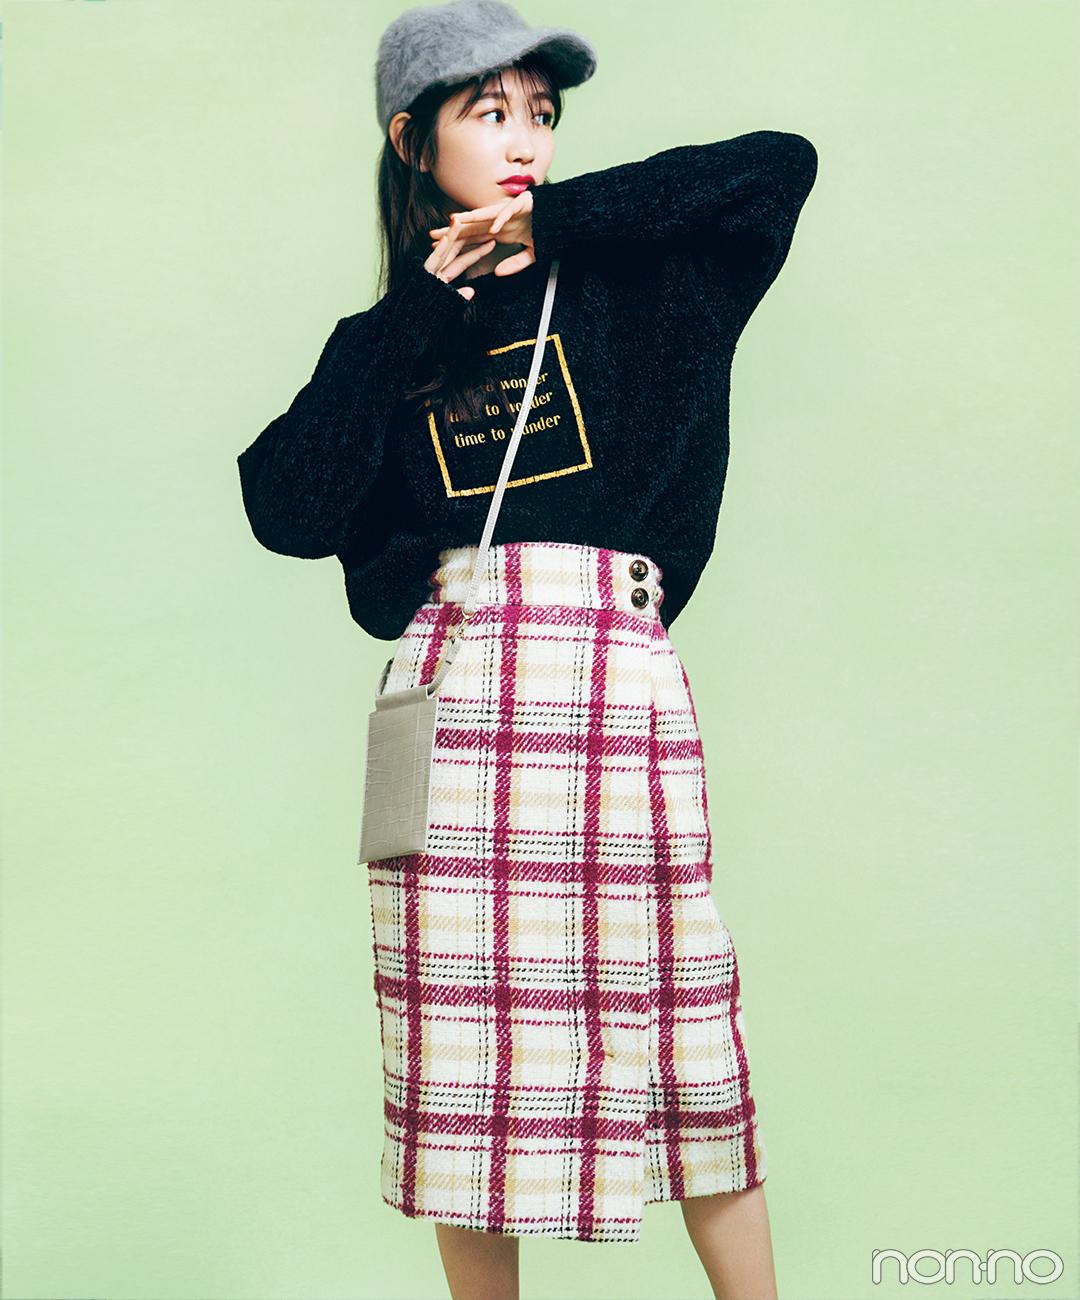 チェックのタイトスカートはロンT&キャップでカジュアルダウン!【毎日コーデ】